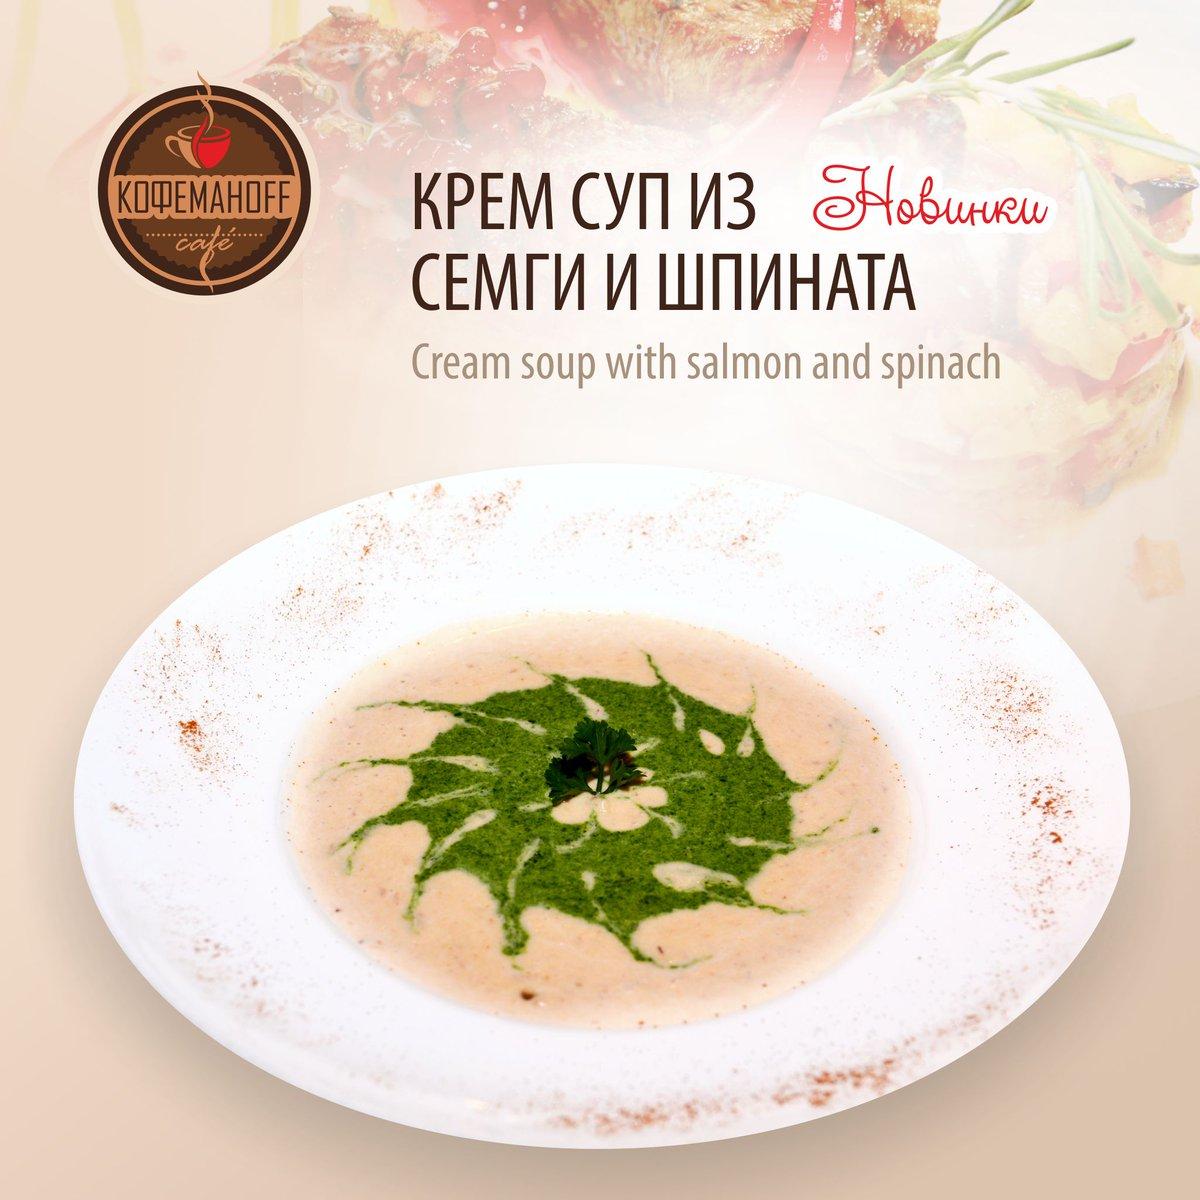 Крем суп из шпината рецепт с фото